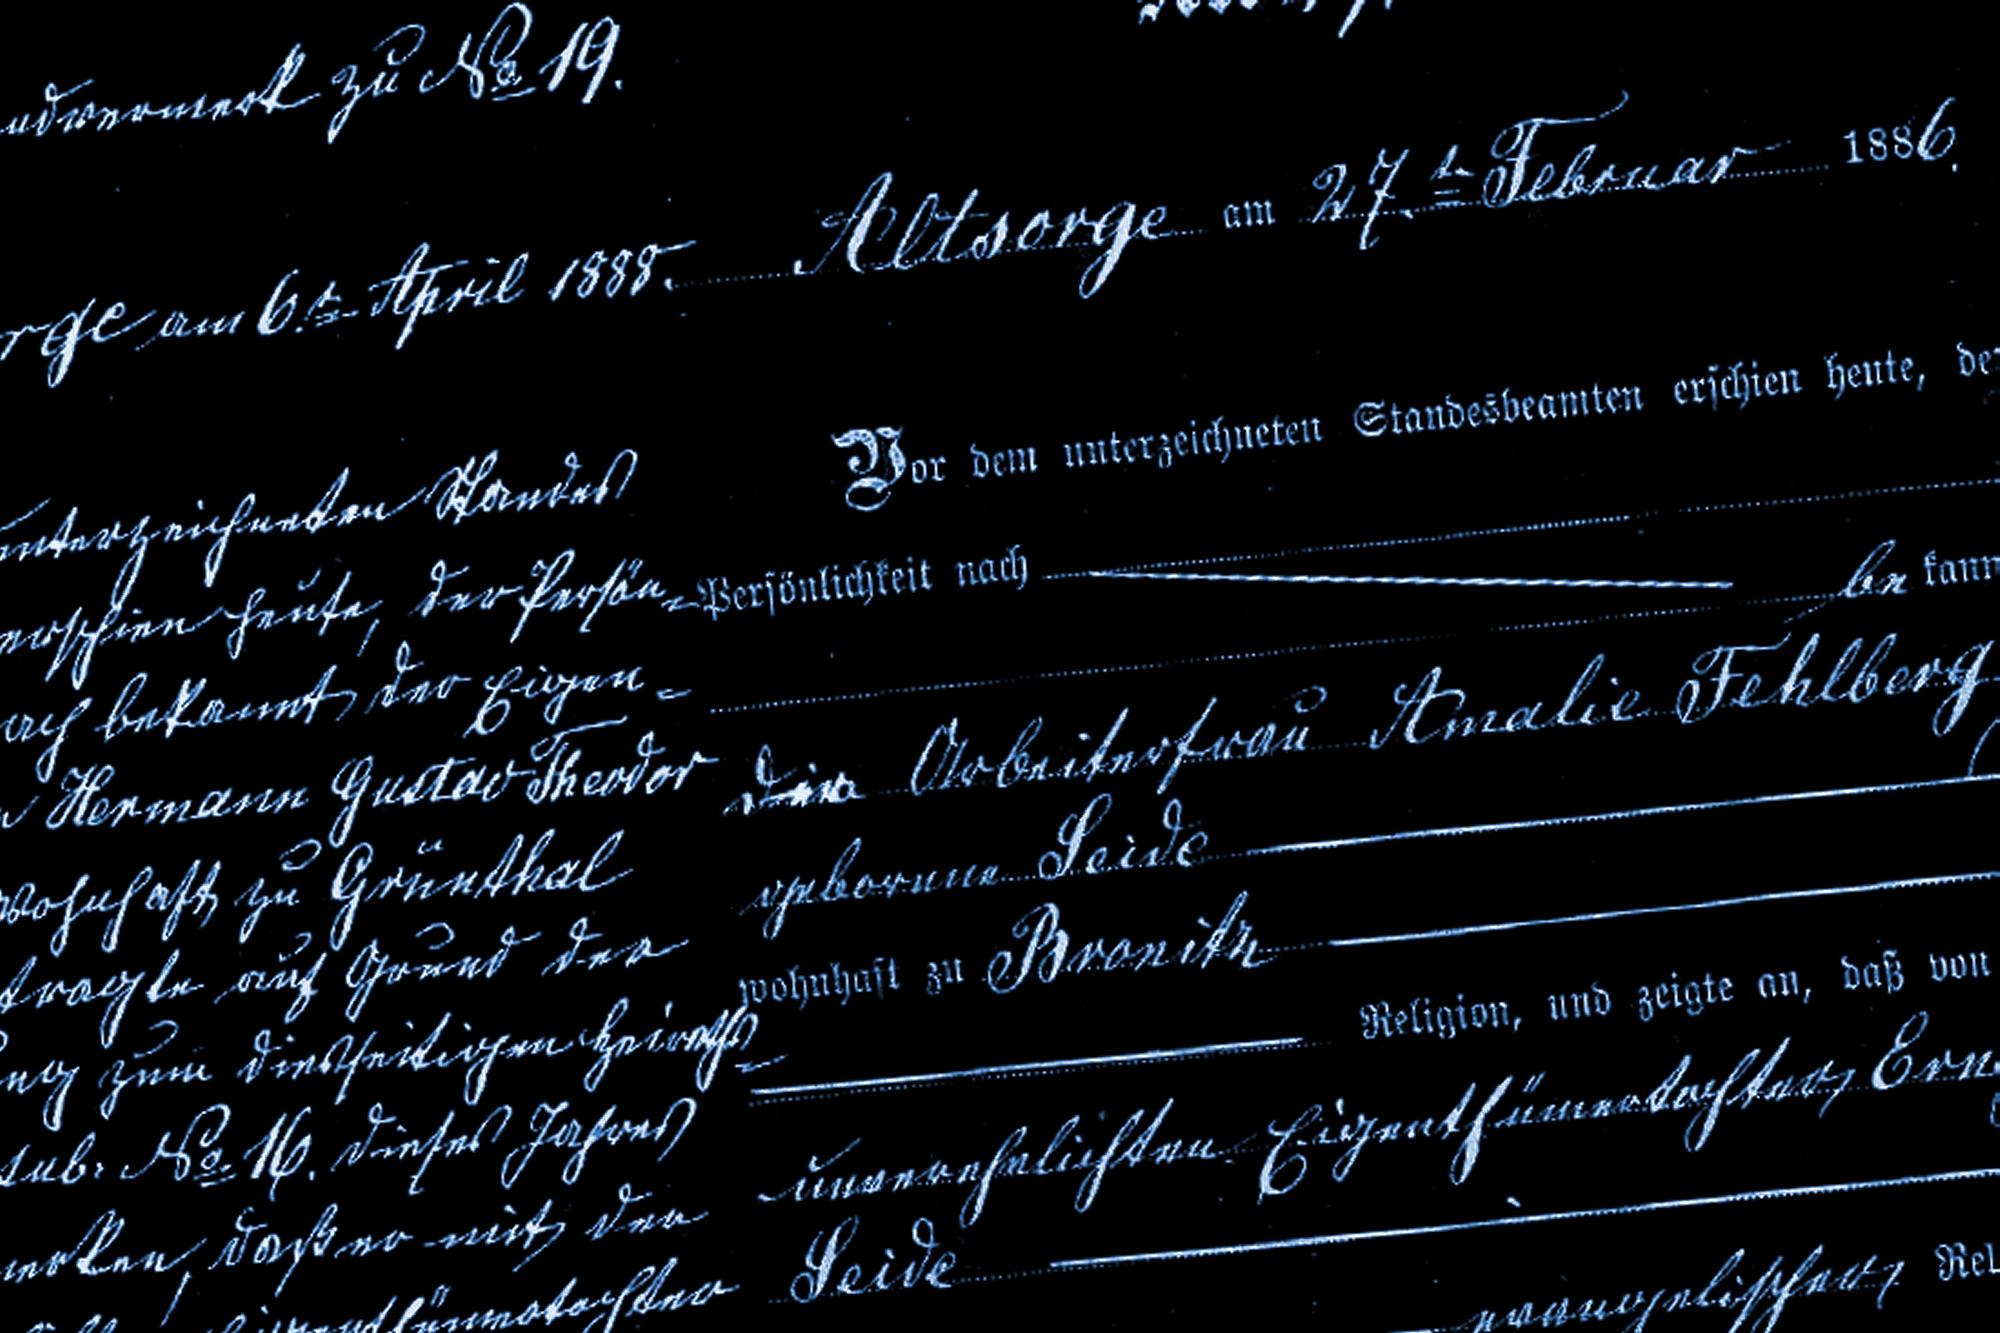 Ausschnitt einer Geburtsurkunde, hier Emma Elisabeth Erdmuthe HERDER